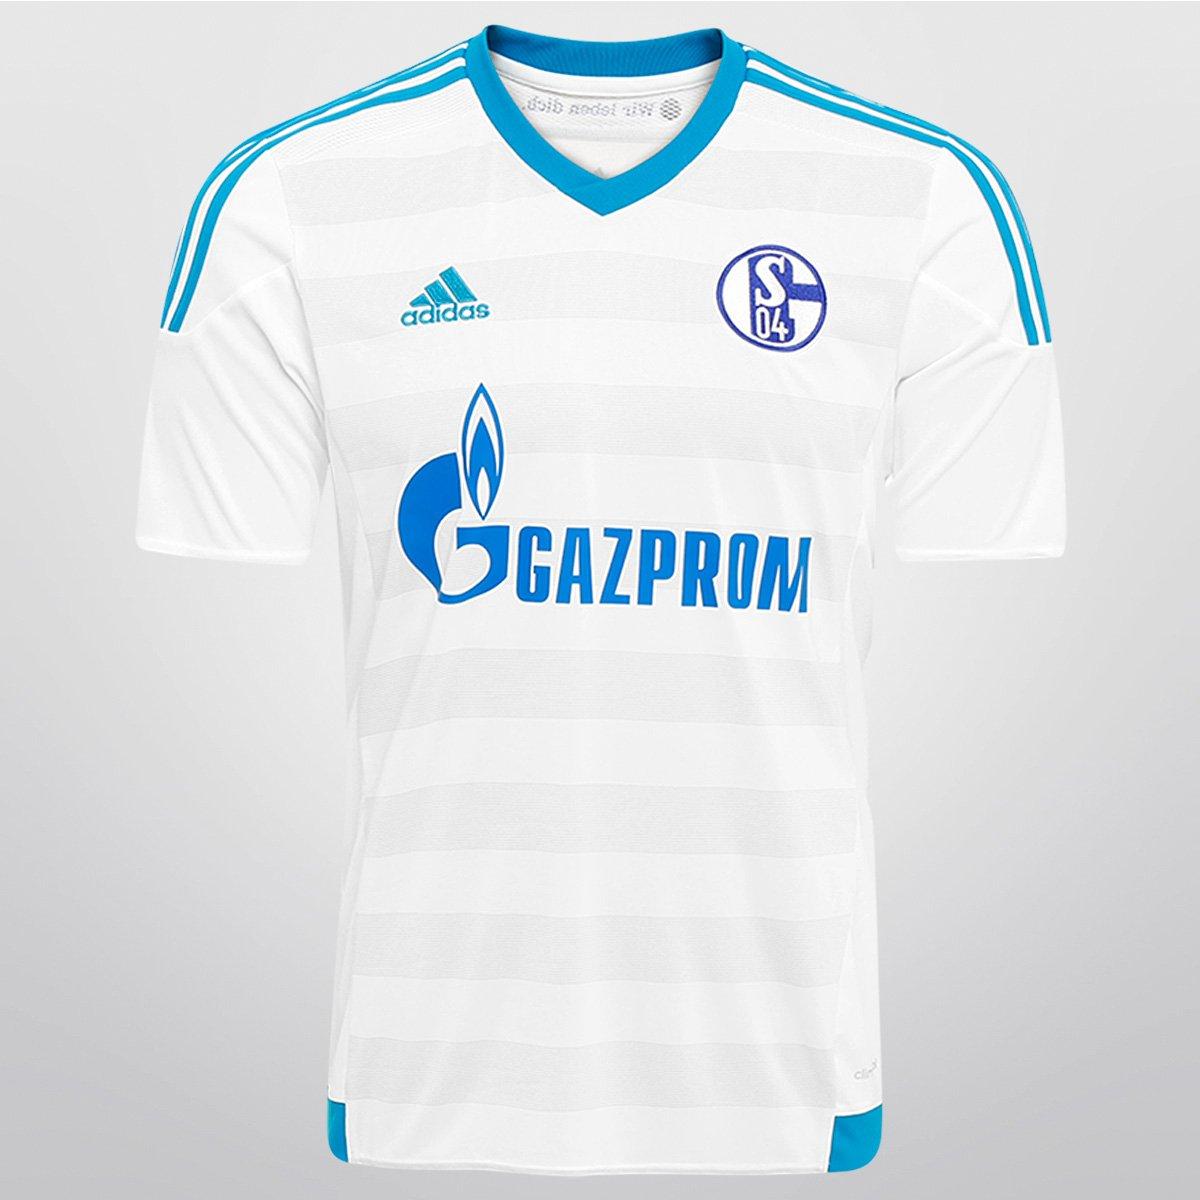 8bfe1d0e8d Camisa Adidas Schalke 04 Away 15 16 s nº - Compre Agora